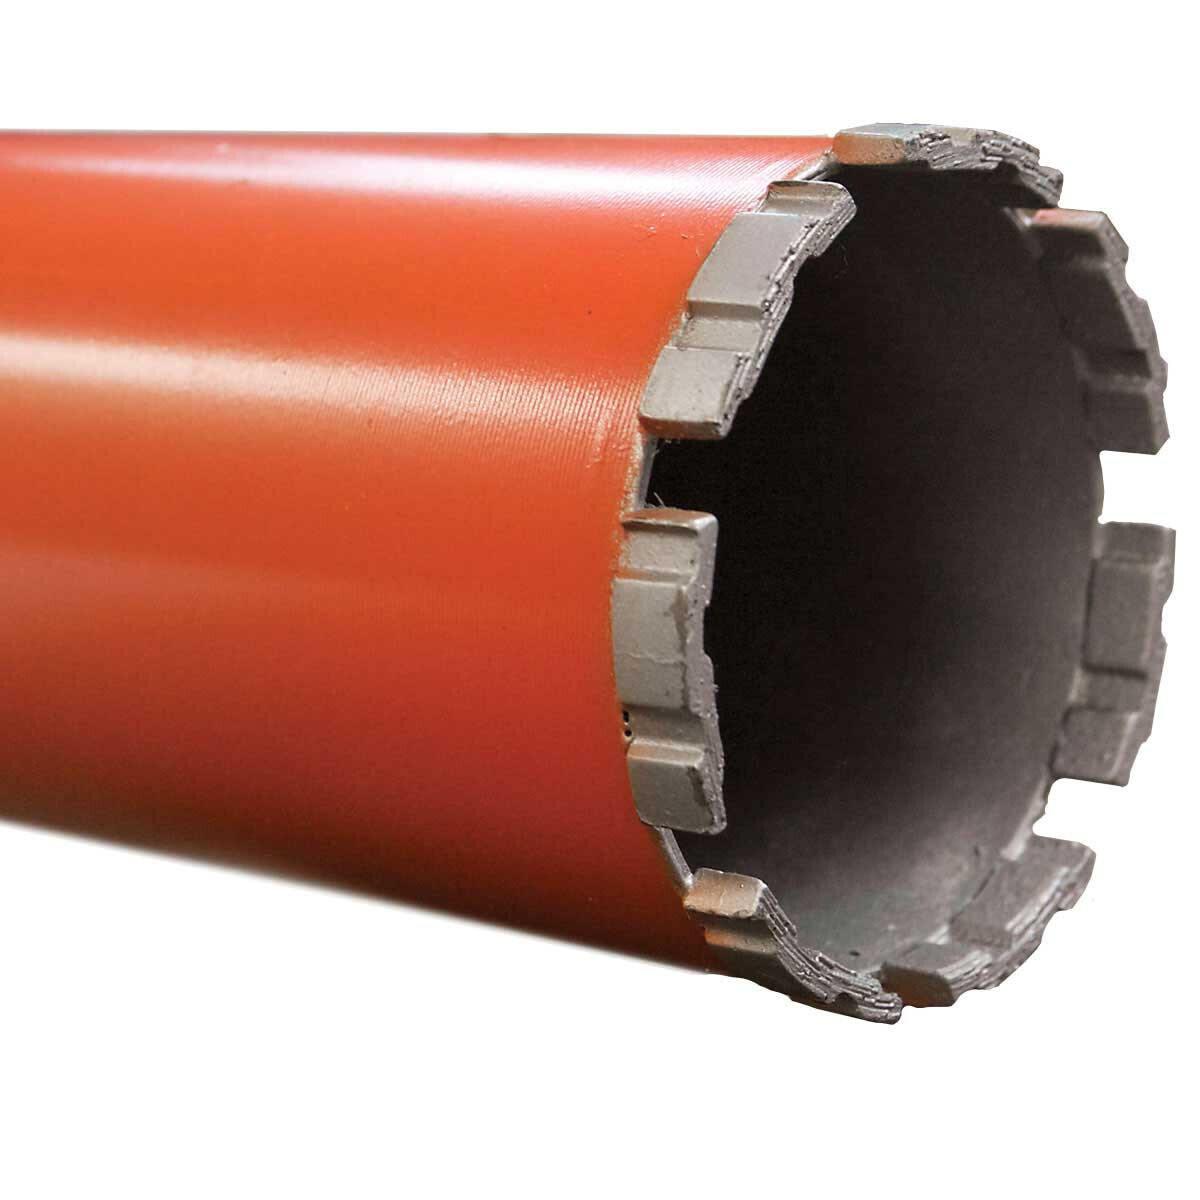 Core Bore Orange Core Bit Diamond Segment